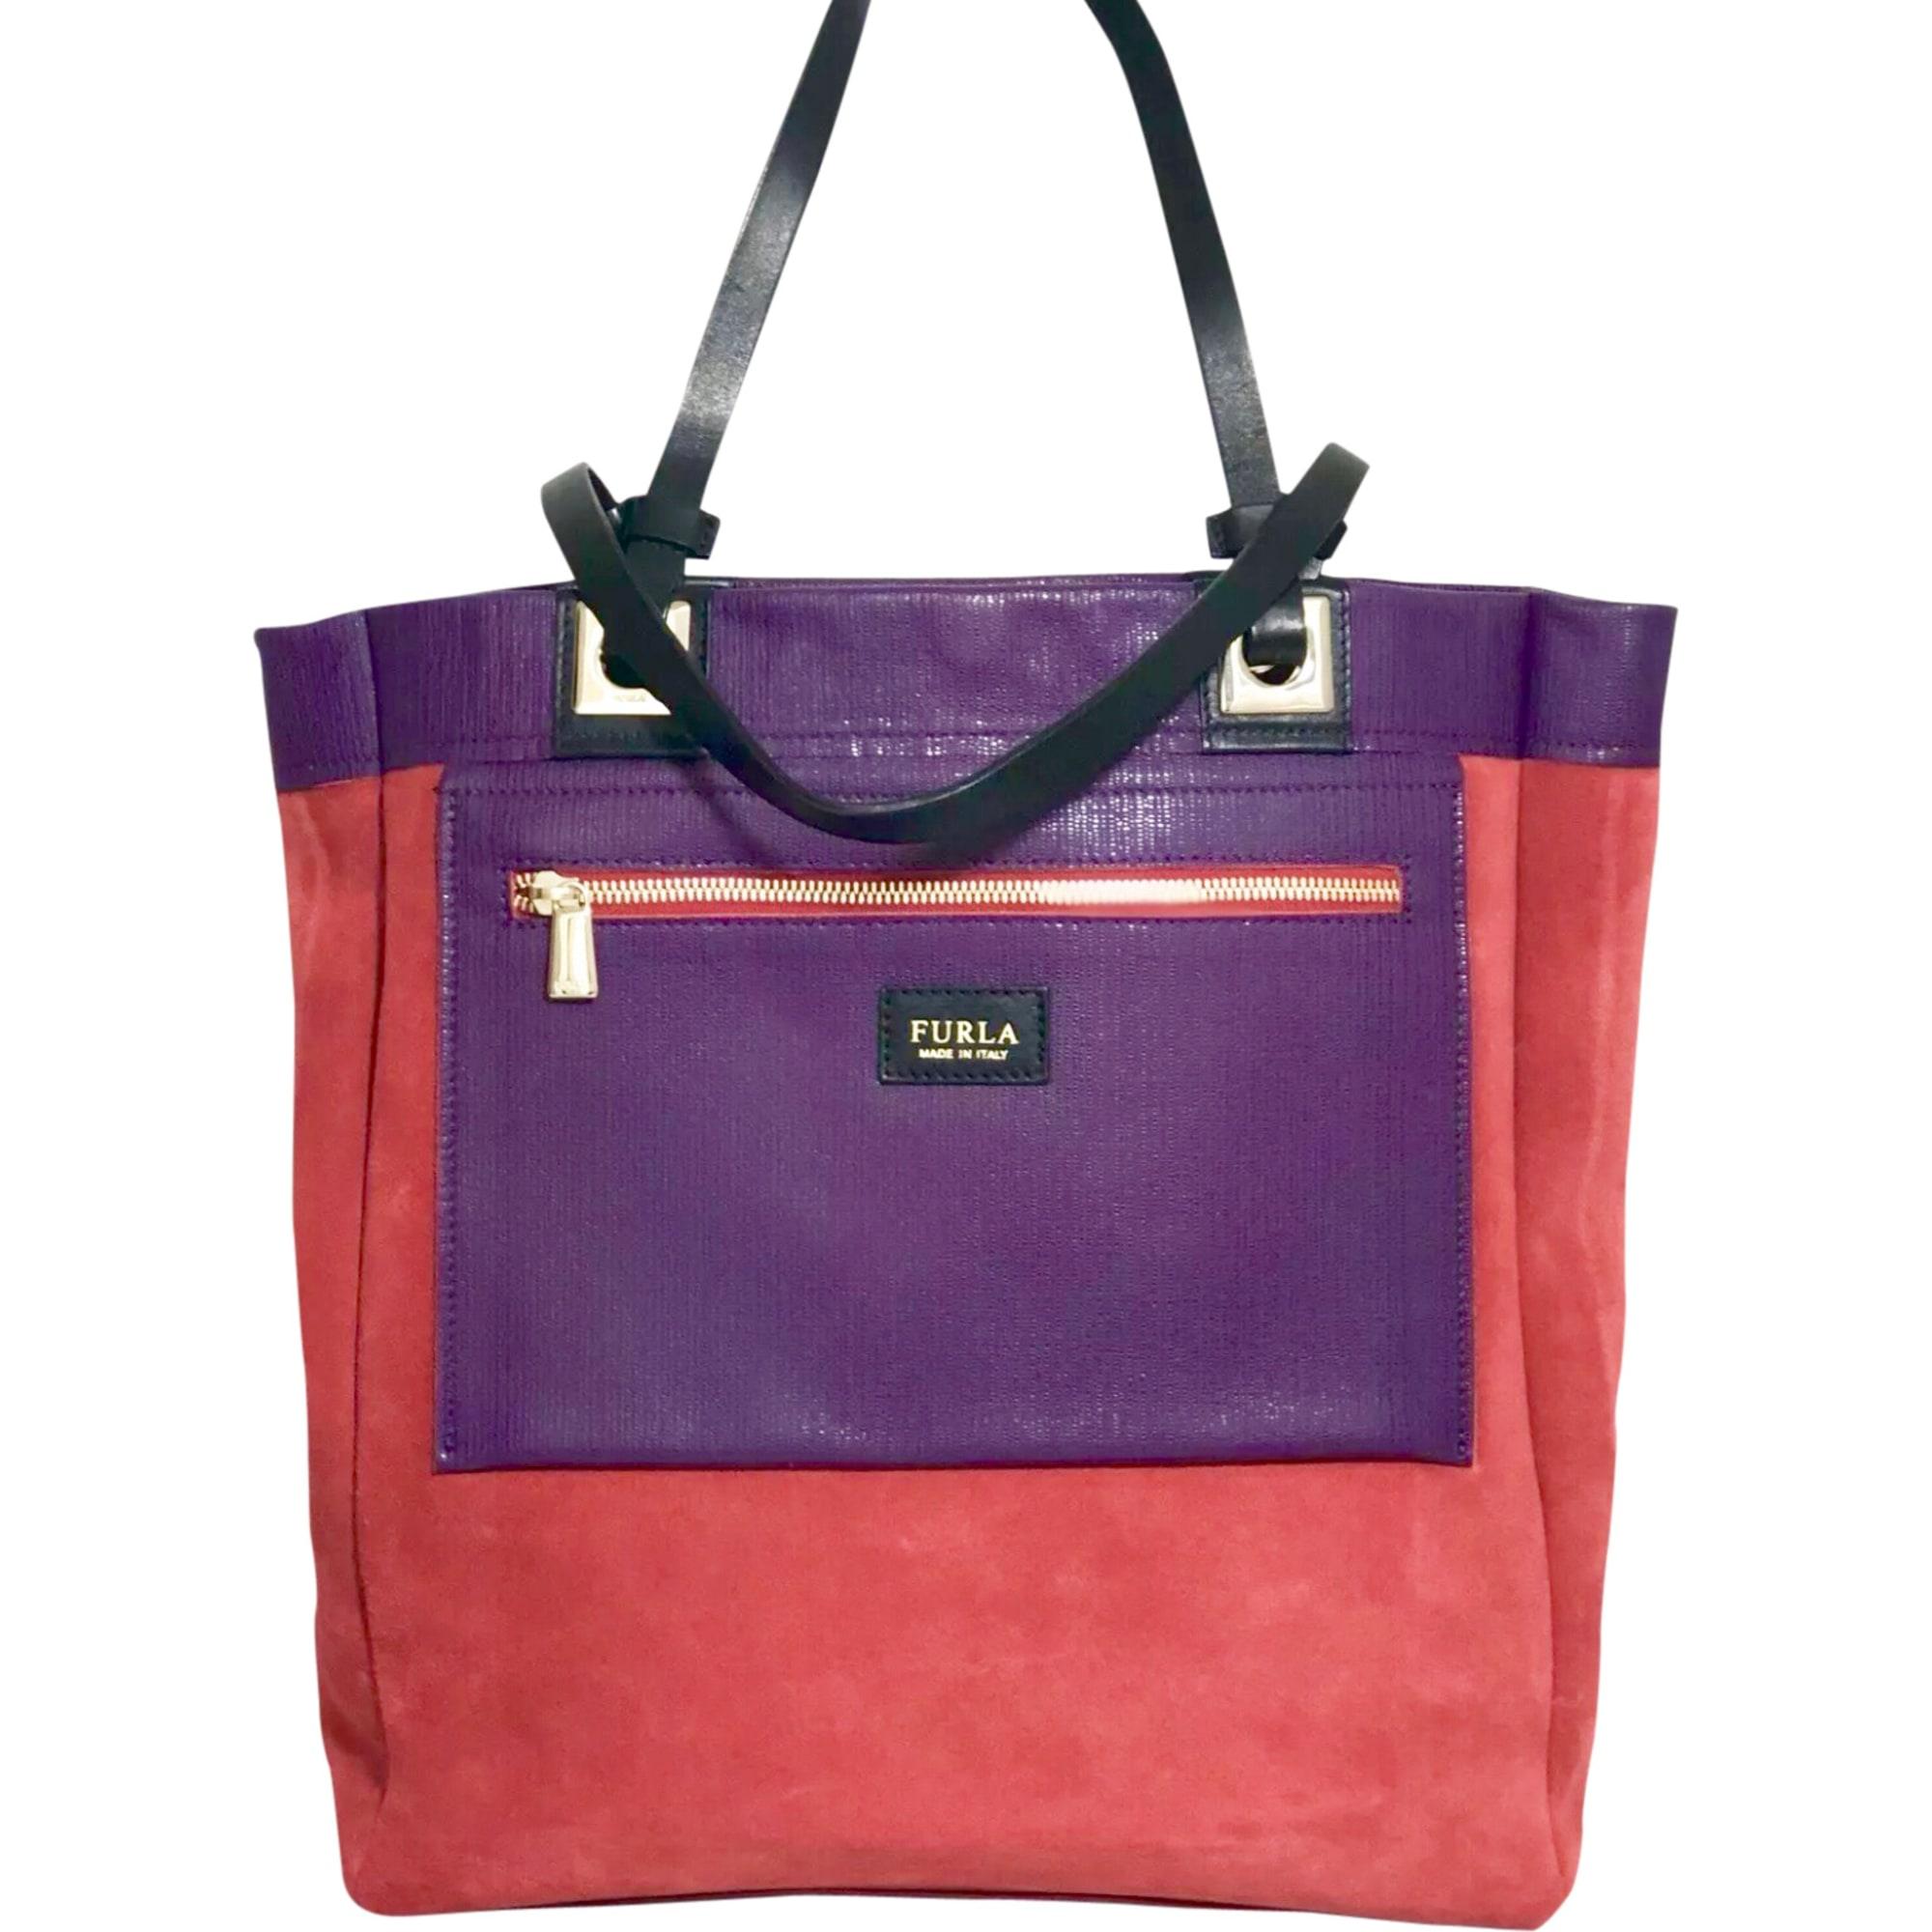 Sac XL en cuir FURLA Rouge et violet